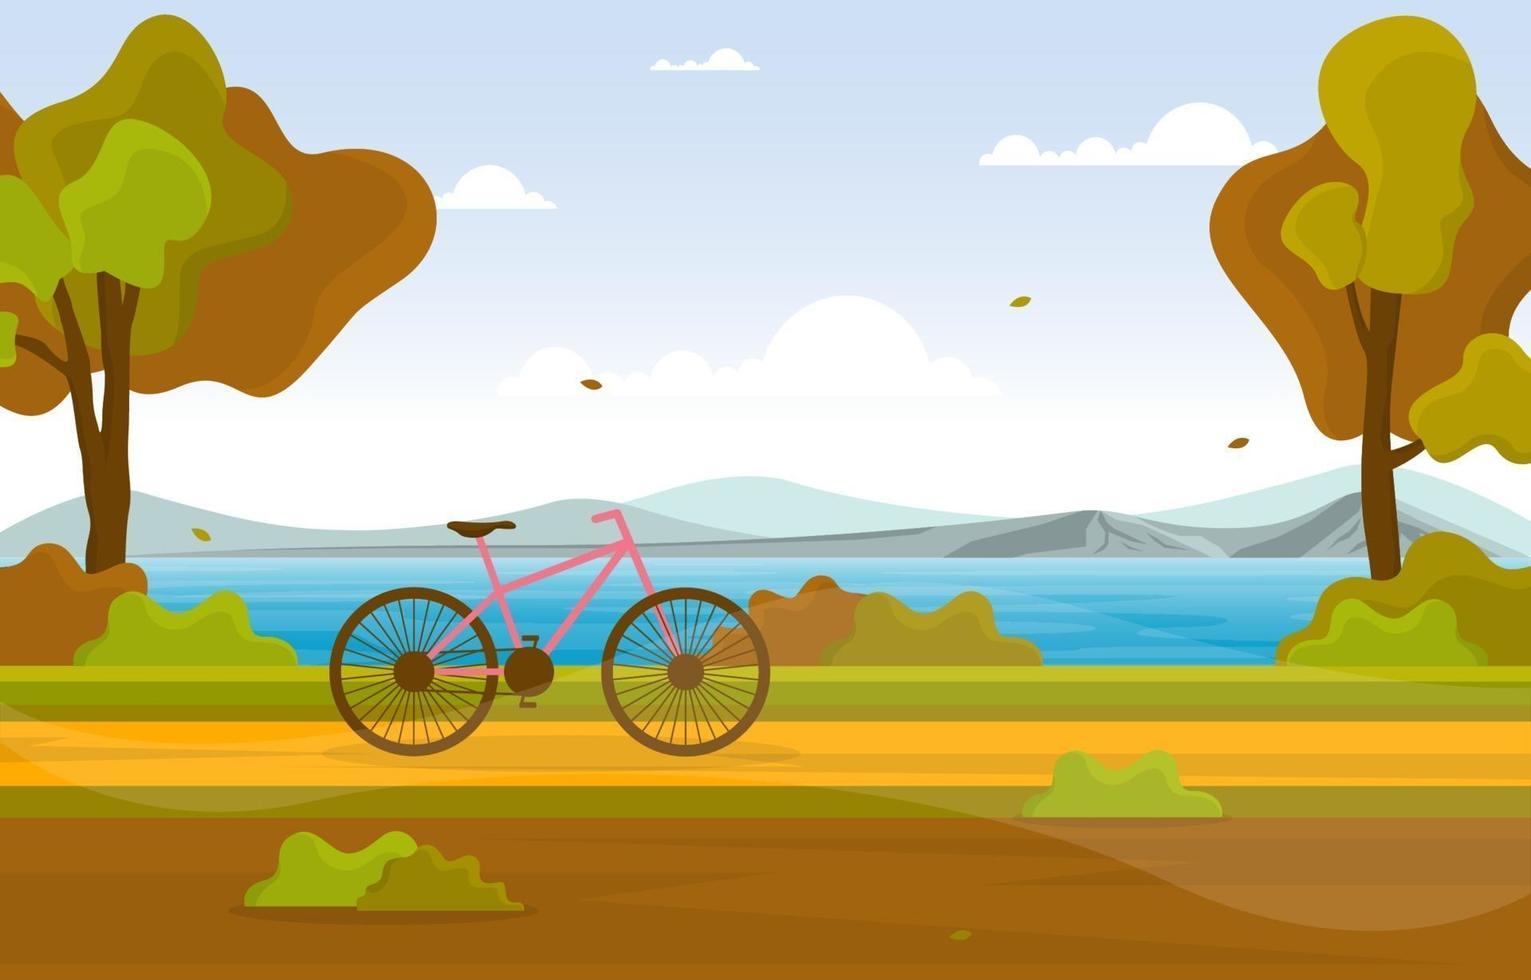 escena de otoño con lago, árboles y bicicleta. vector